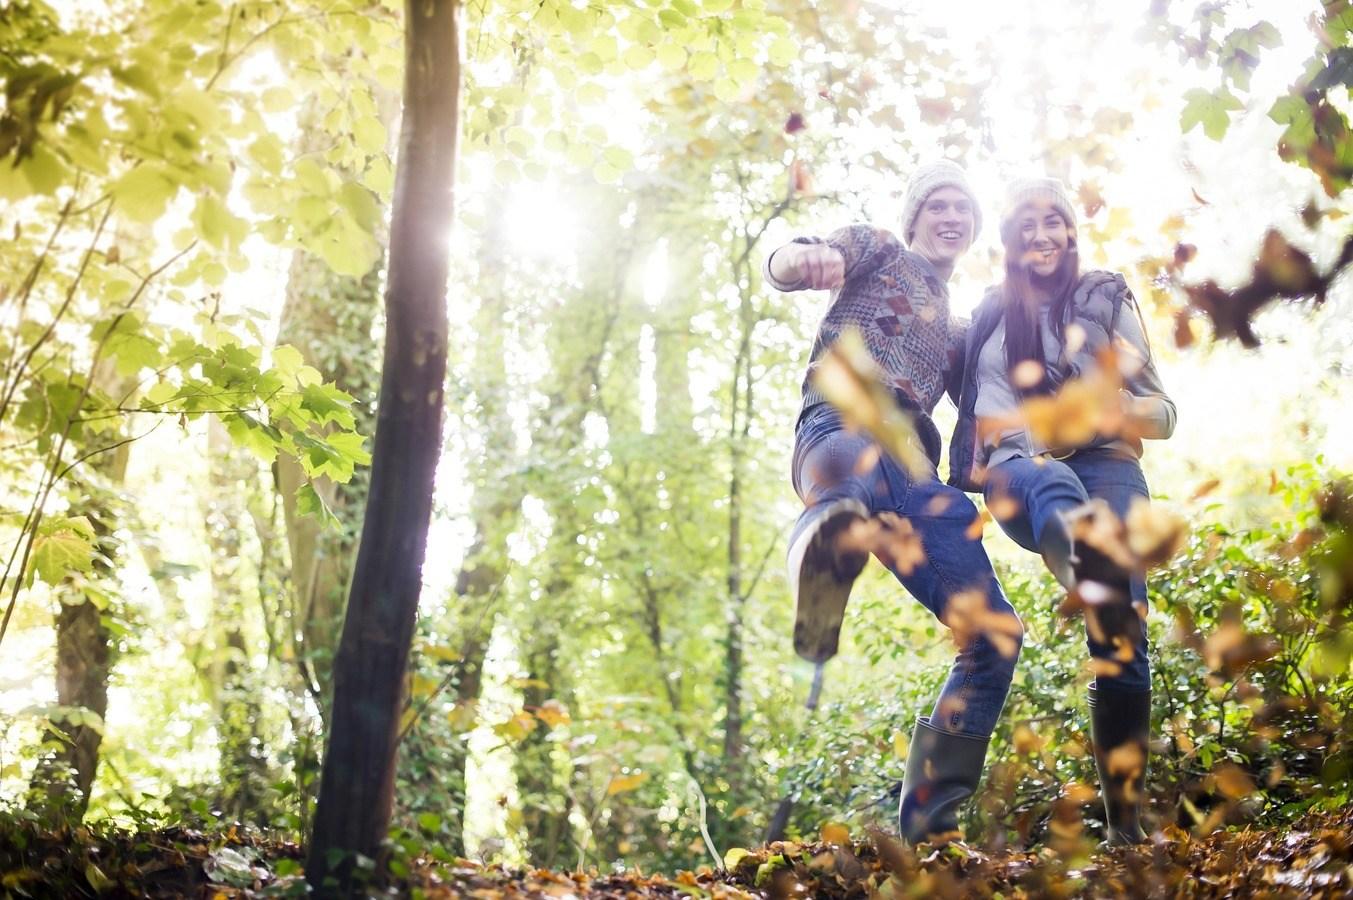 Vacanze a Ottobre dove andare in Toscana - Poggitazzi